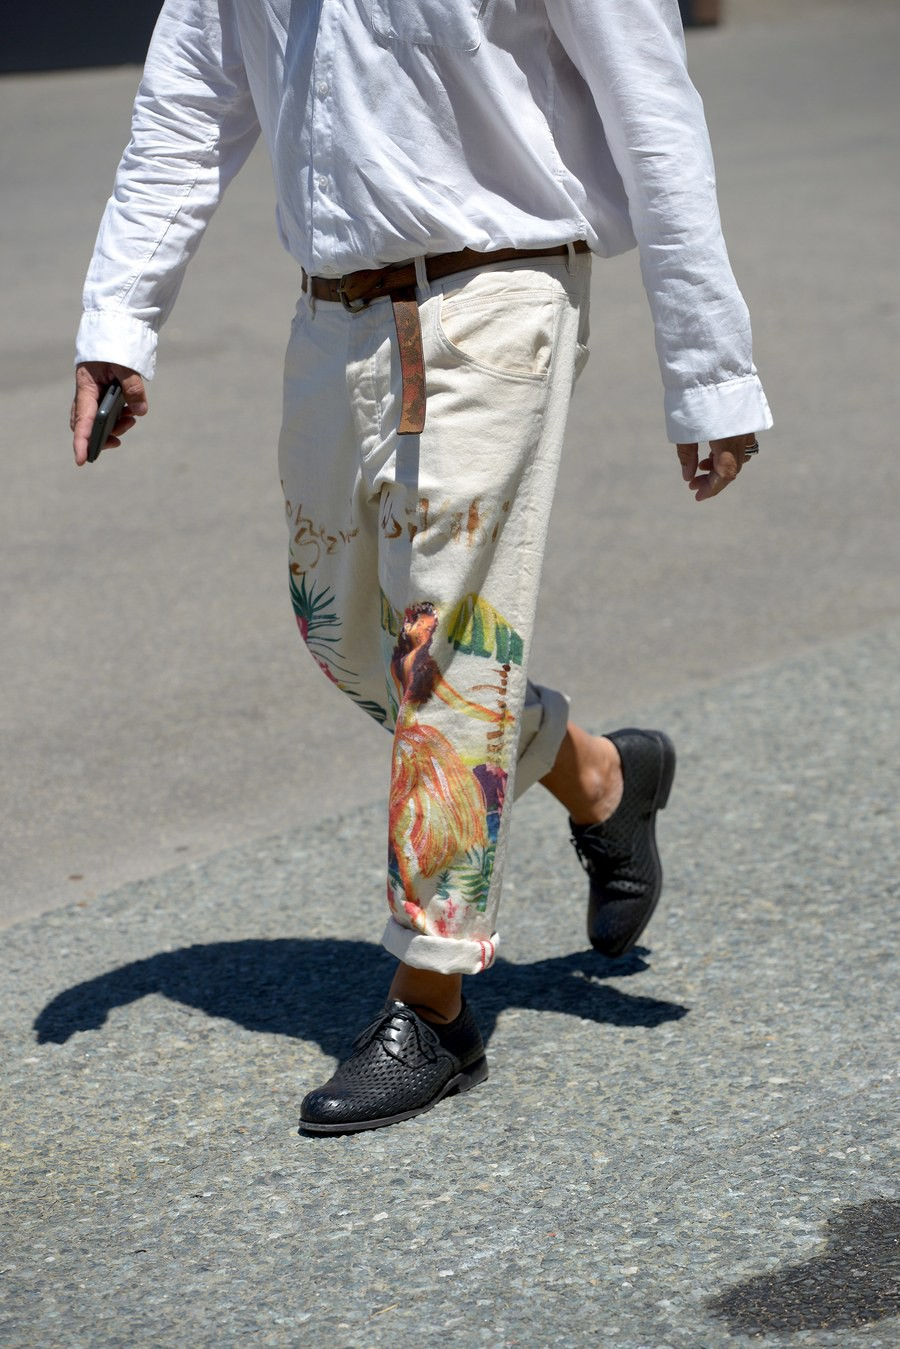 Màu mè và mát mẻ, phải chăng hình tượng những nam nhân mặc suit bảnh bao ở Pitti Uomo đã chết rồi? - Ảnh 8.